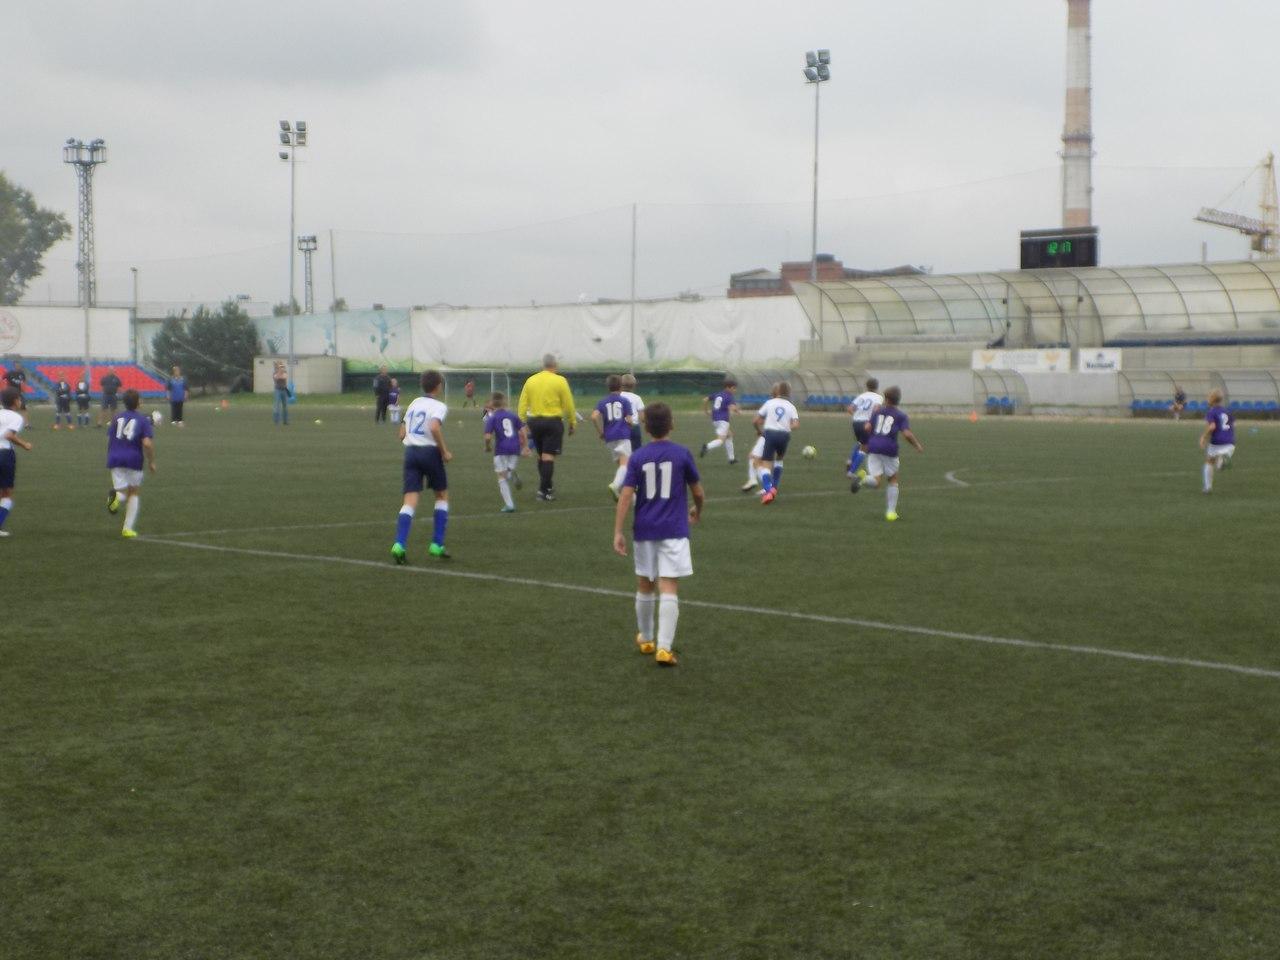 В Подольске прошел турнир среди команд 2005 г.р.